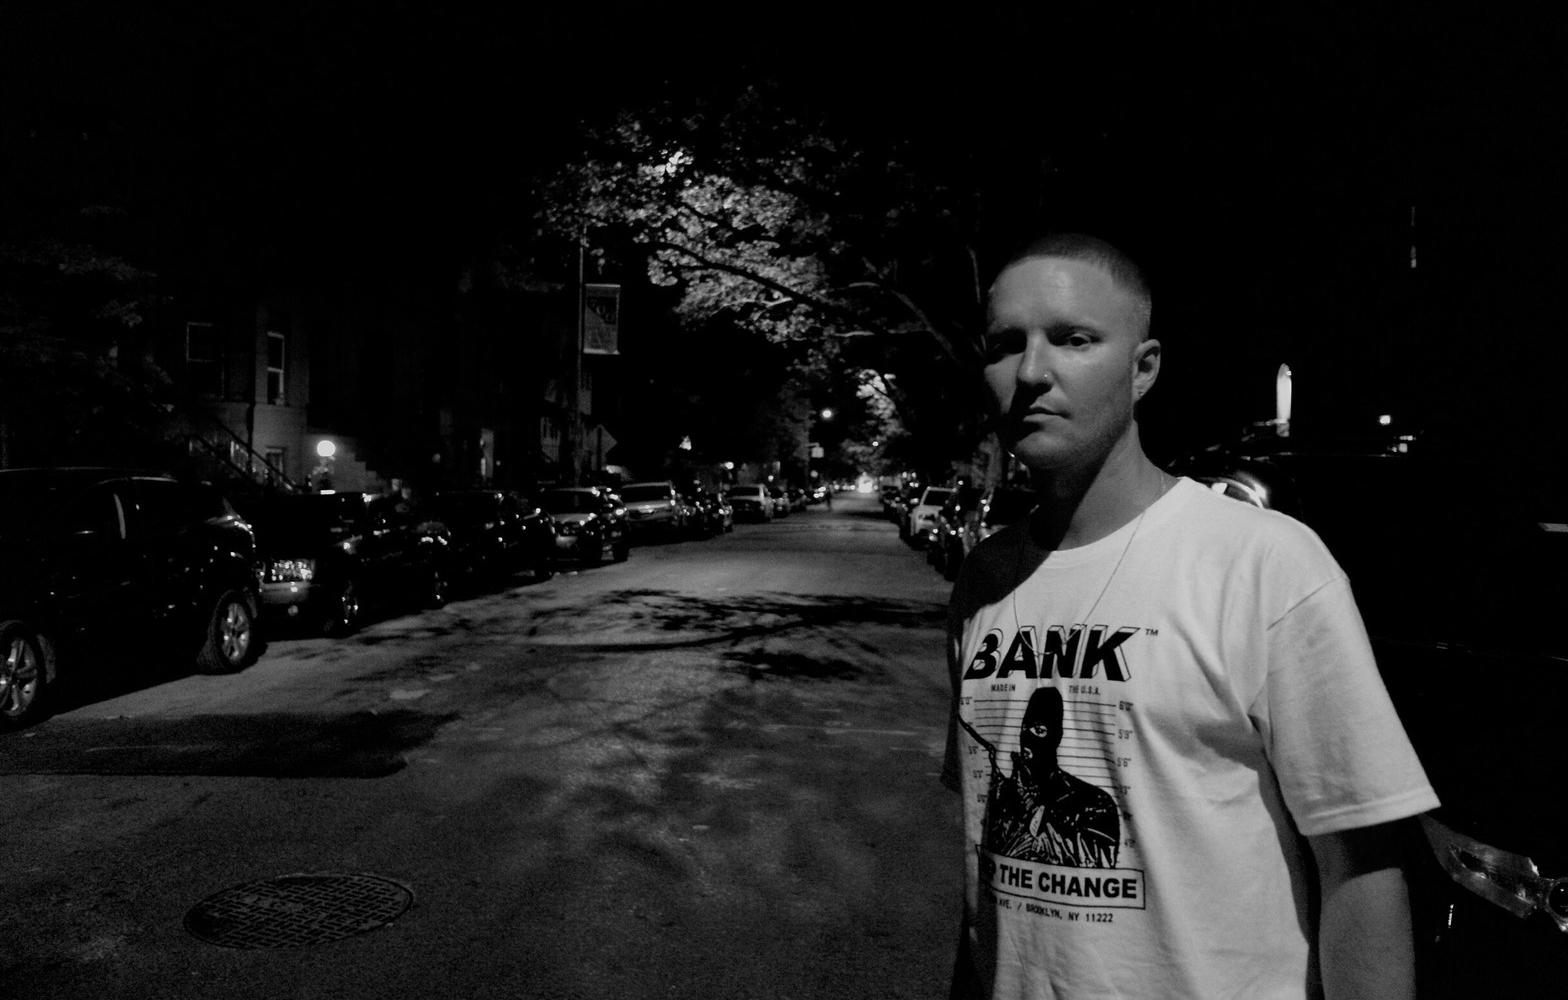 LQQK x BANK RECORDS NYC + BIG LOVE